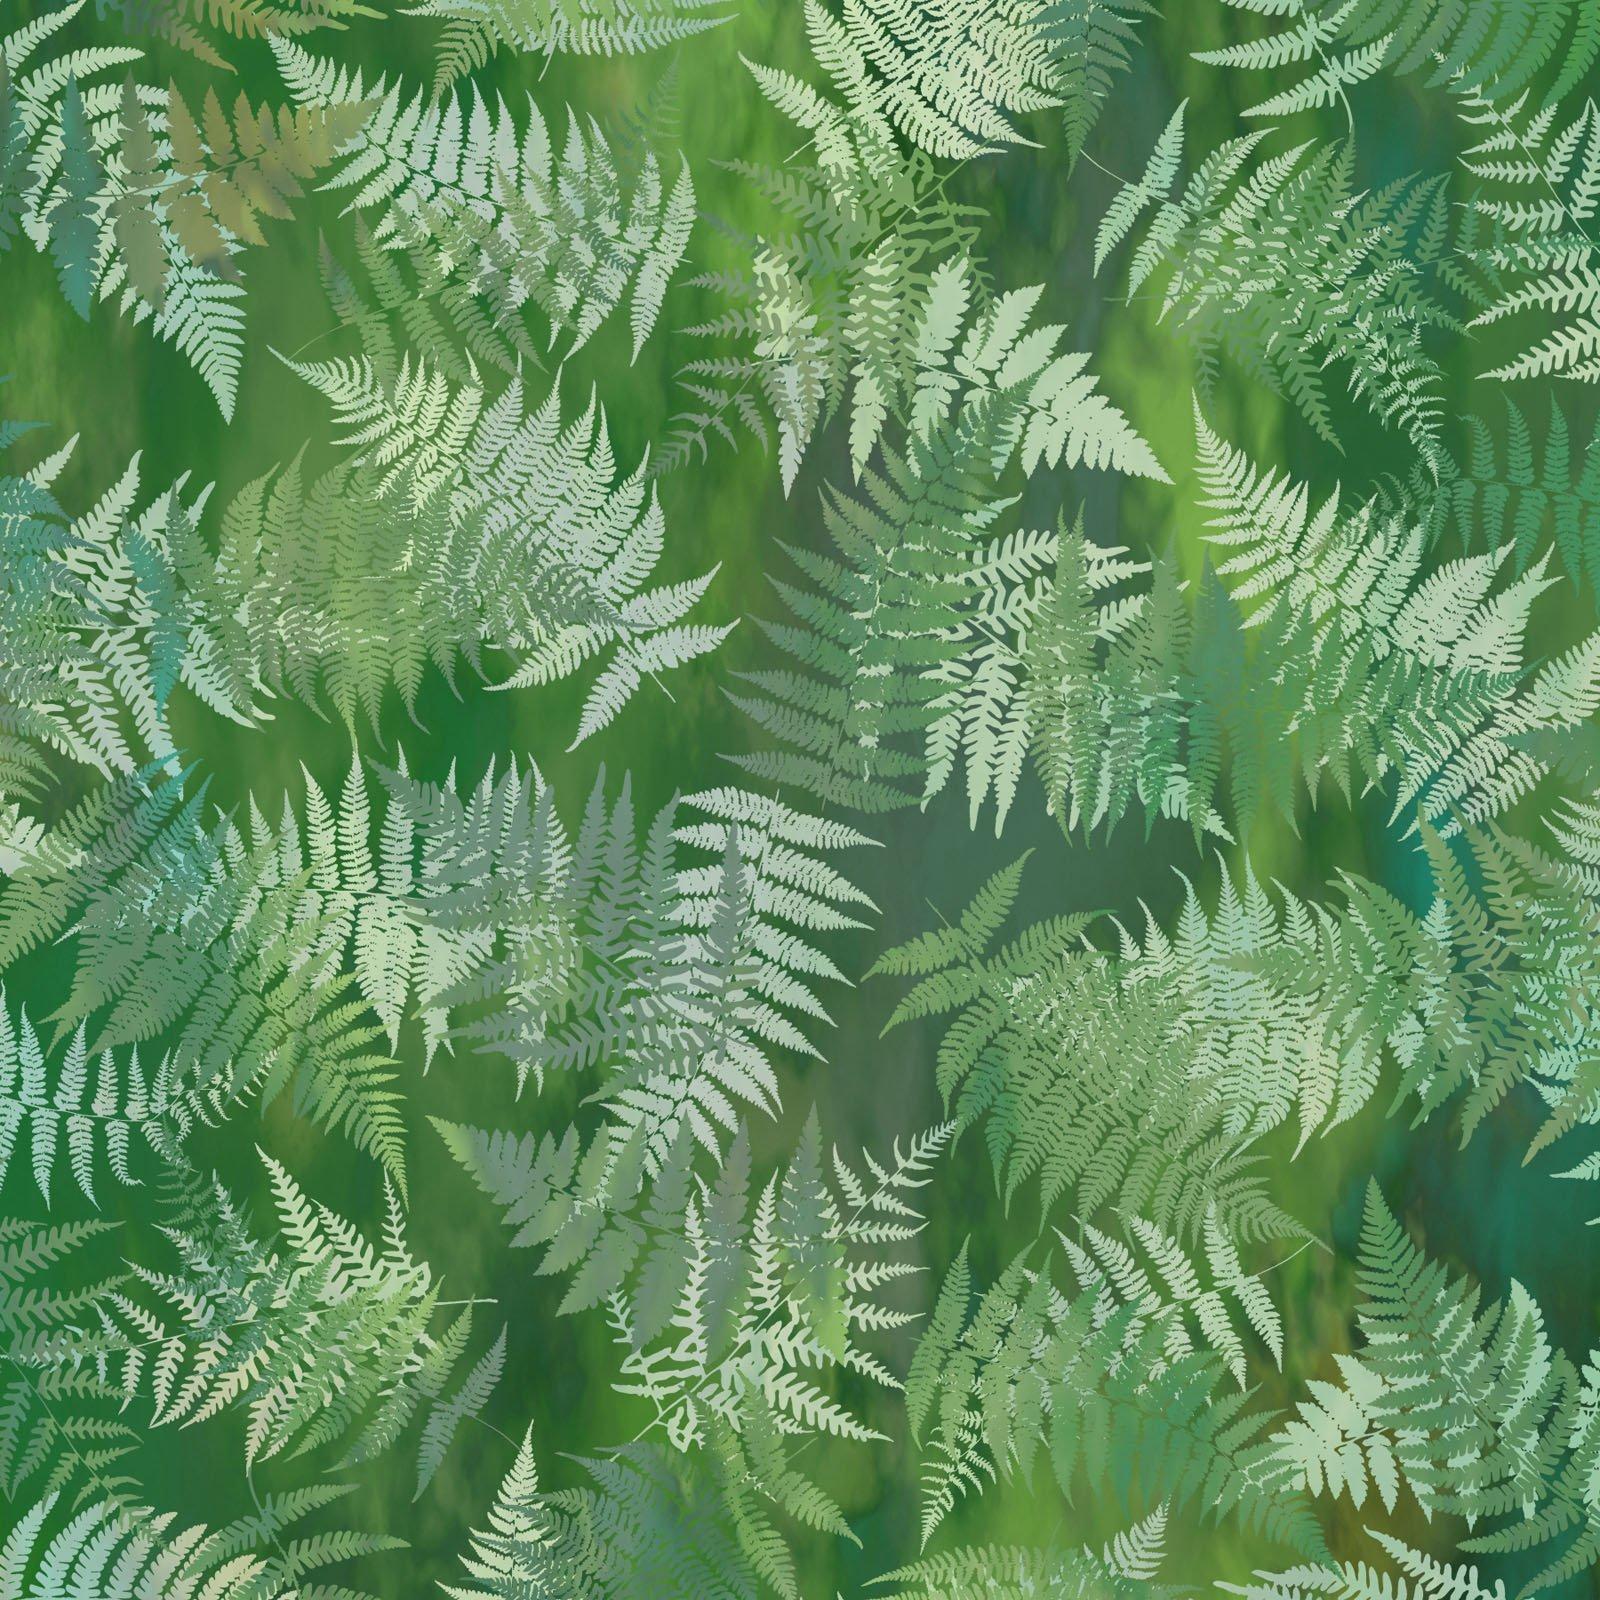 Fabric Garden of Dreams 3JYL-3